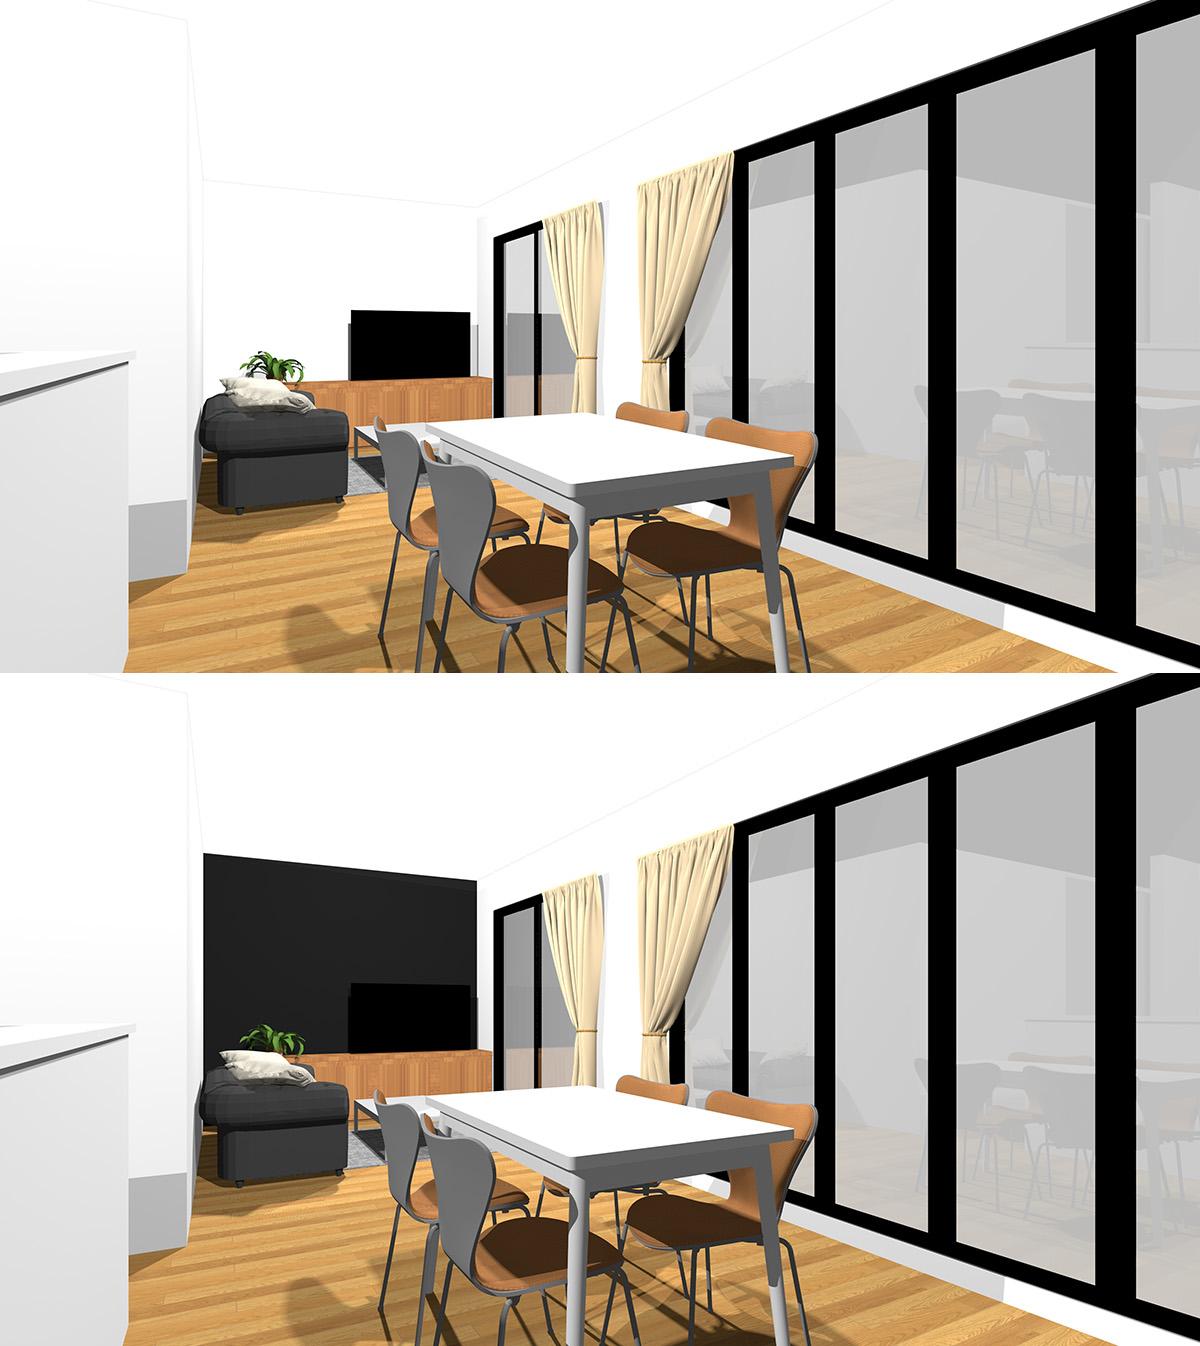 ホワイトの壁に囲まれた無難なファリー感のある配色のリビングダイニングと壁の一箇所を黒のアクセントクロスにしたリビングダイニングの比較